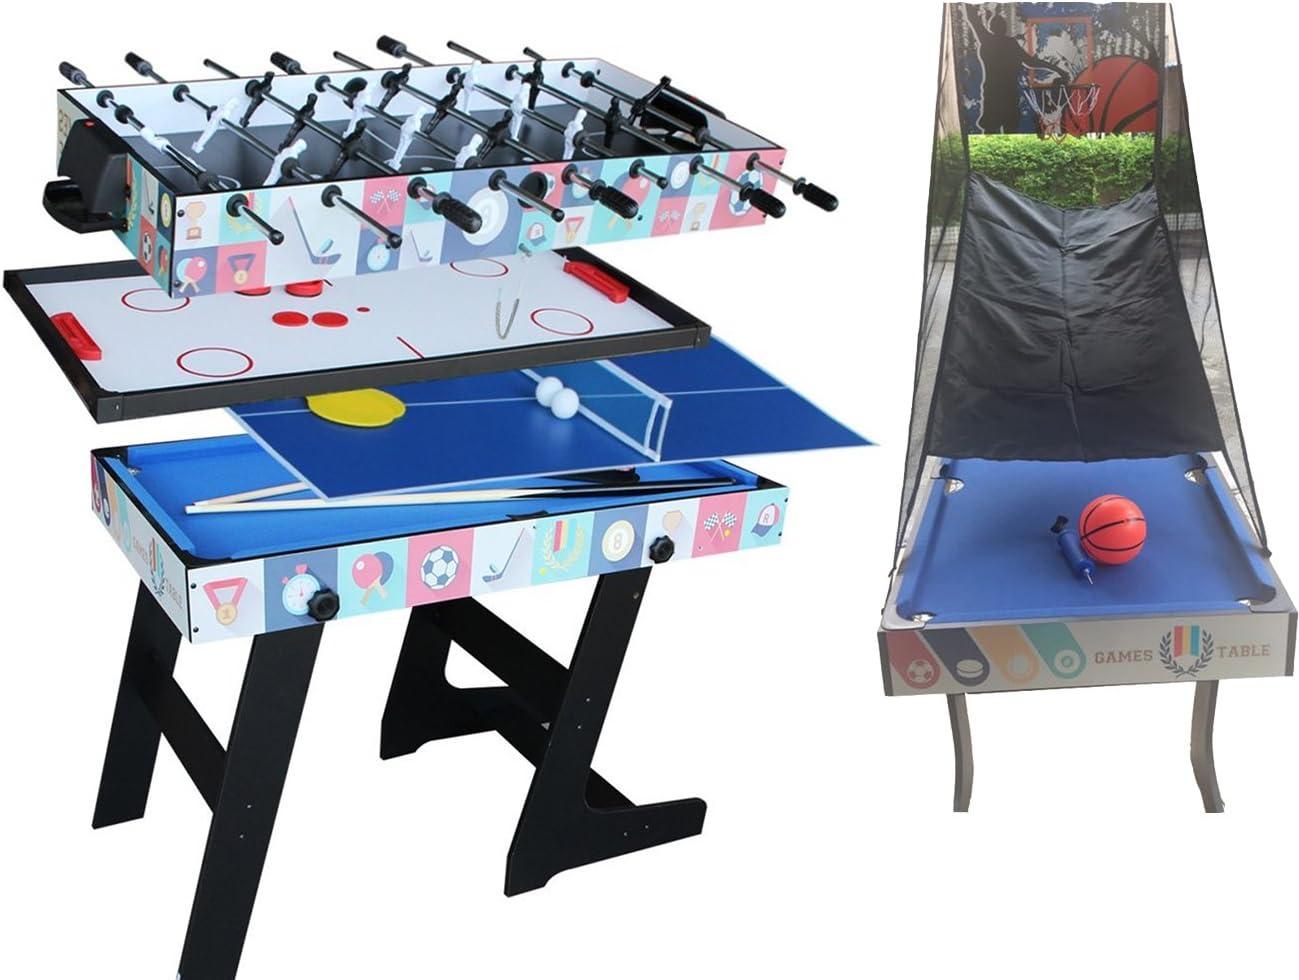 Deluxe 5 en 1 Mesa de Juego Superior Mesa de Ping Pong de Mesa Plegable, Glide Hockey, Futbolito, Billar, Juego de Baloncesto: Amazon.es: Juguetes y juegos